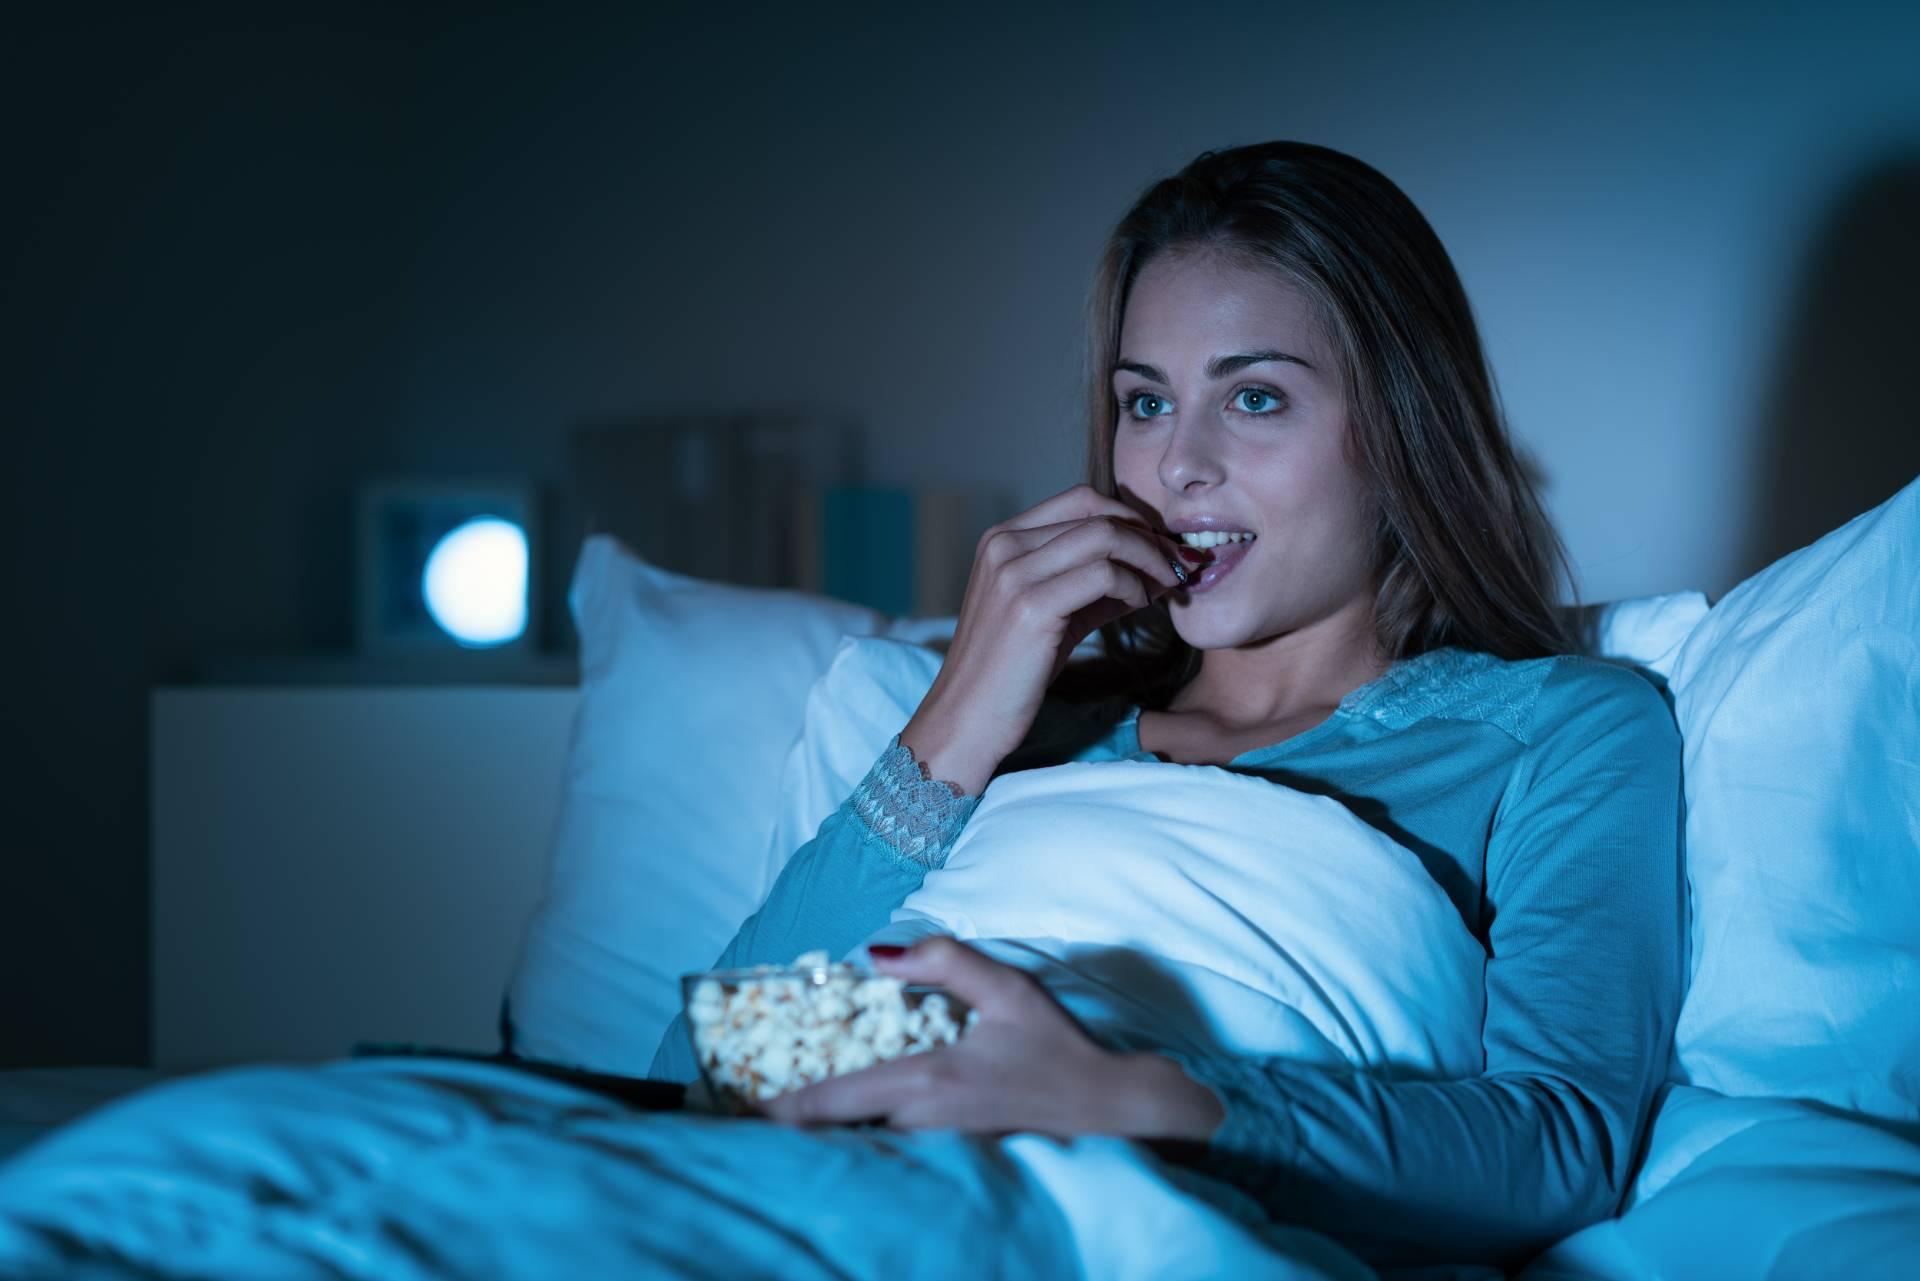 девушка ест в постели перед телевизором